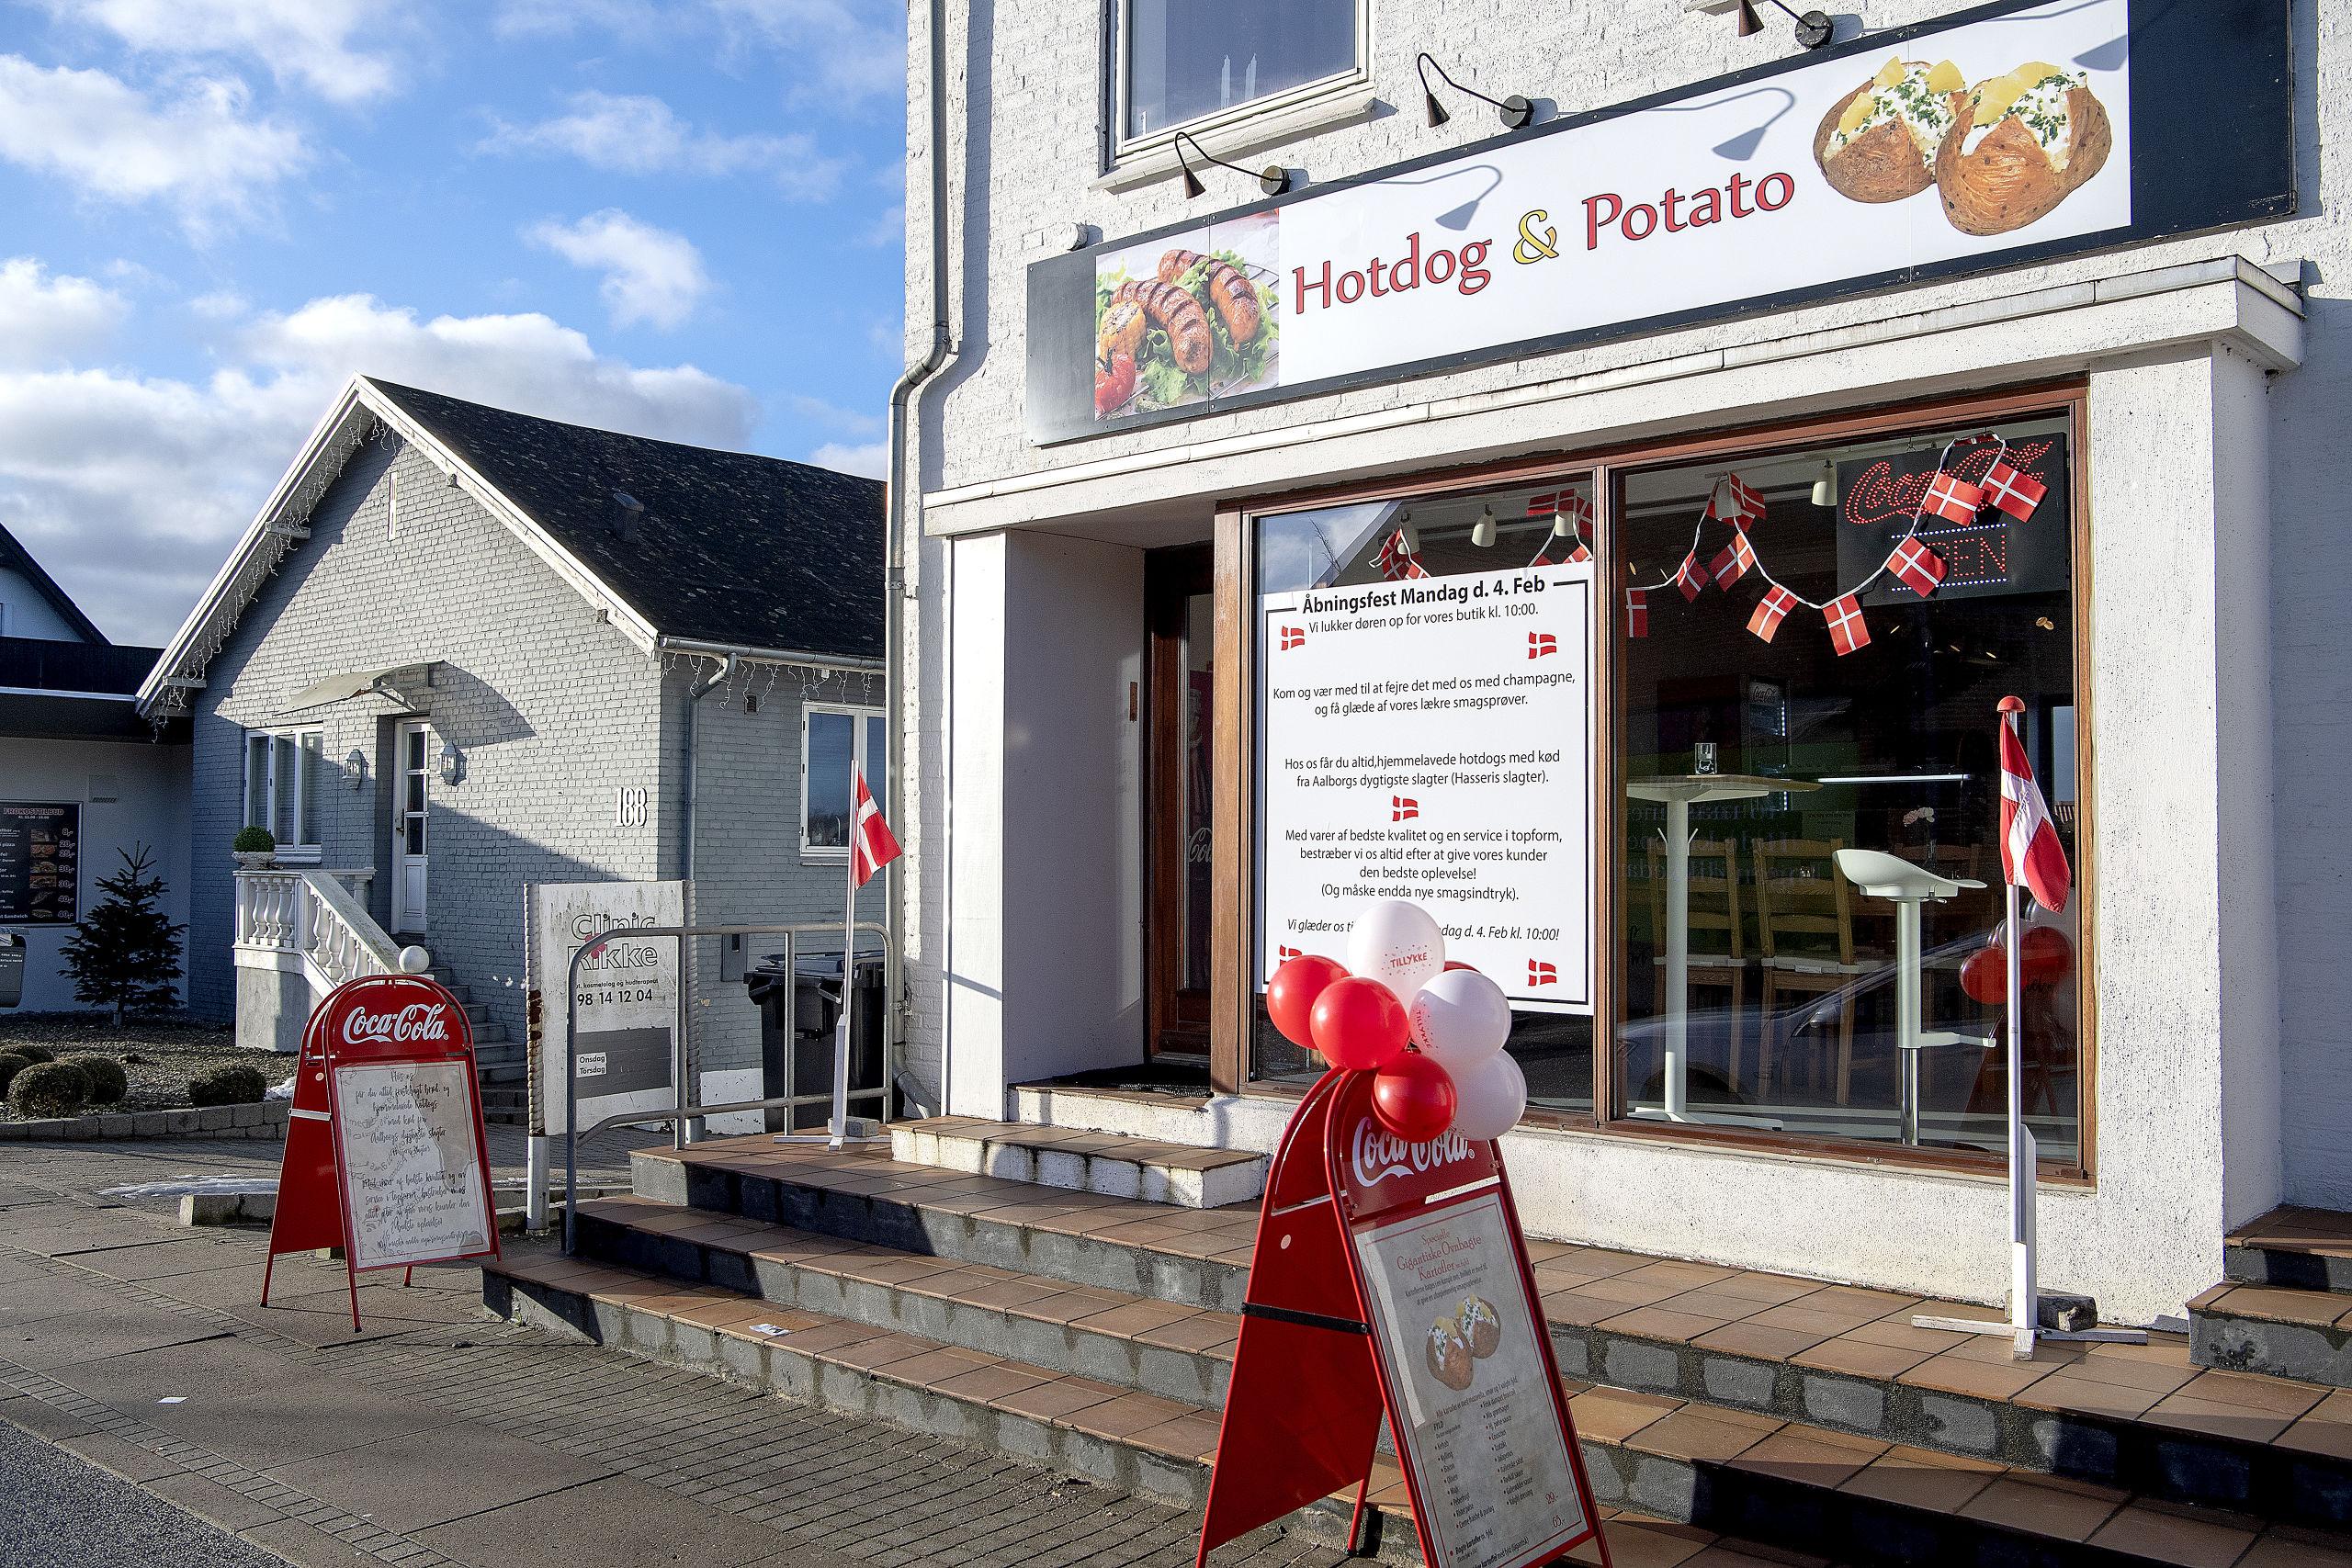 Et mål med Hotdog & Potato er at blive et samlingssted i Gug. Foto: Lars Pauli